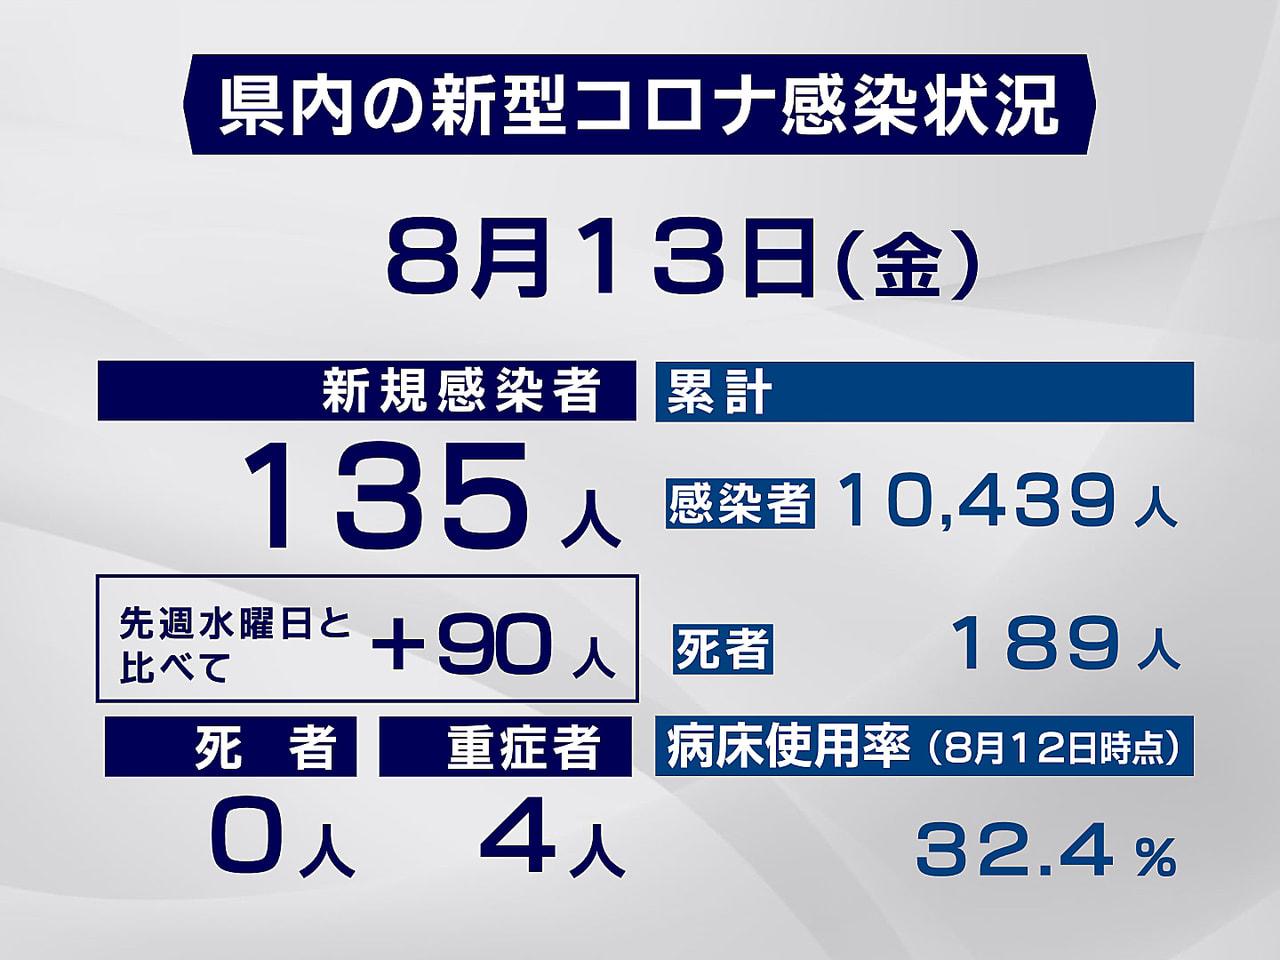 岐阜県と岐阜市は13日、新型コロナウイルスの感染が135人確認されたと発表しまし...